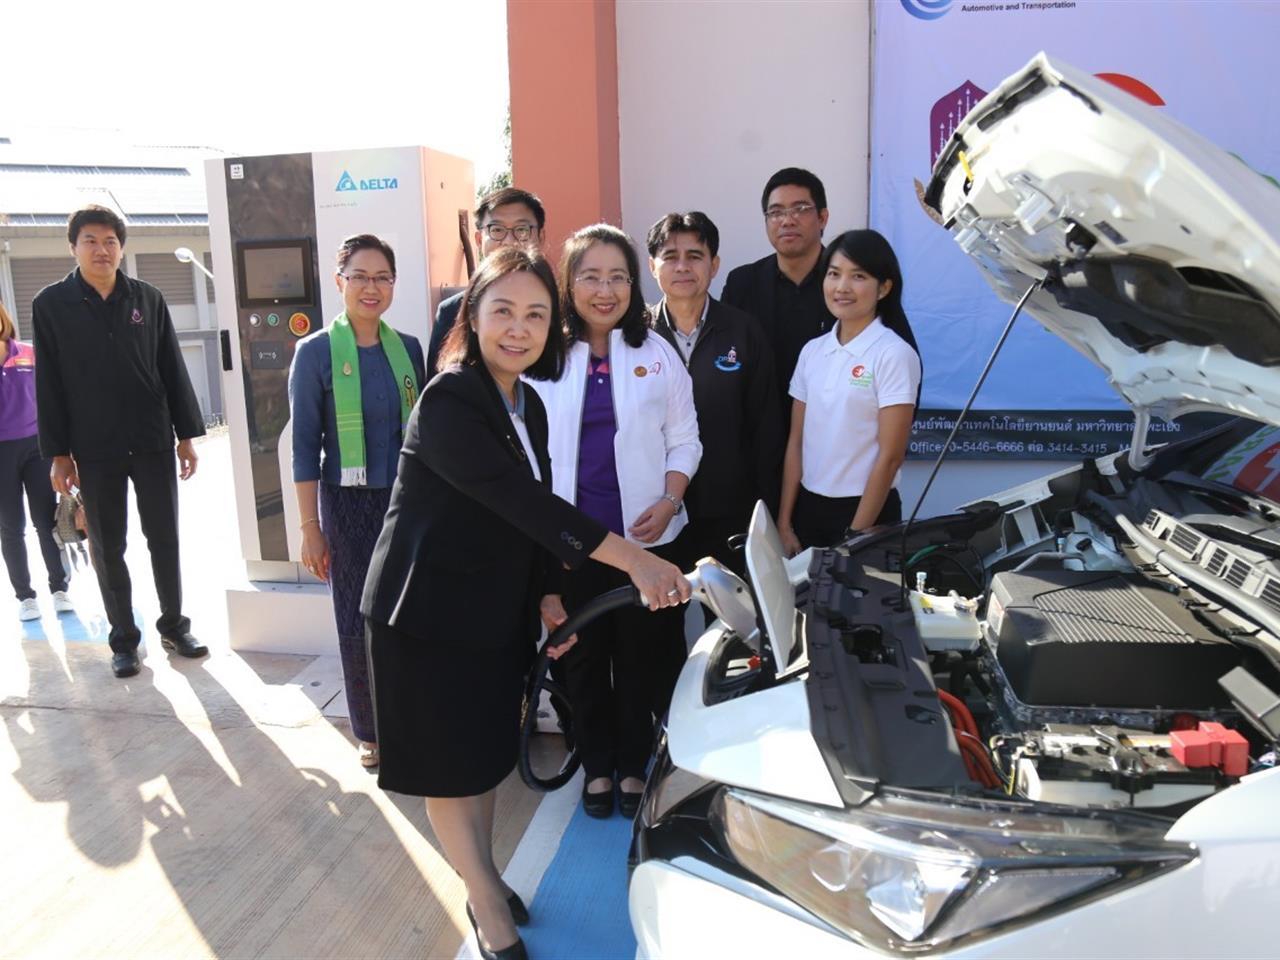 มหาวิทยาลัยพะเยา นำร่องเปิดสถานีอัดประจุไฟฟ้าแห่งแรกในล้านนาตะวันออก พร้อมเปิดให้ประชาชนใช้งาน